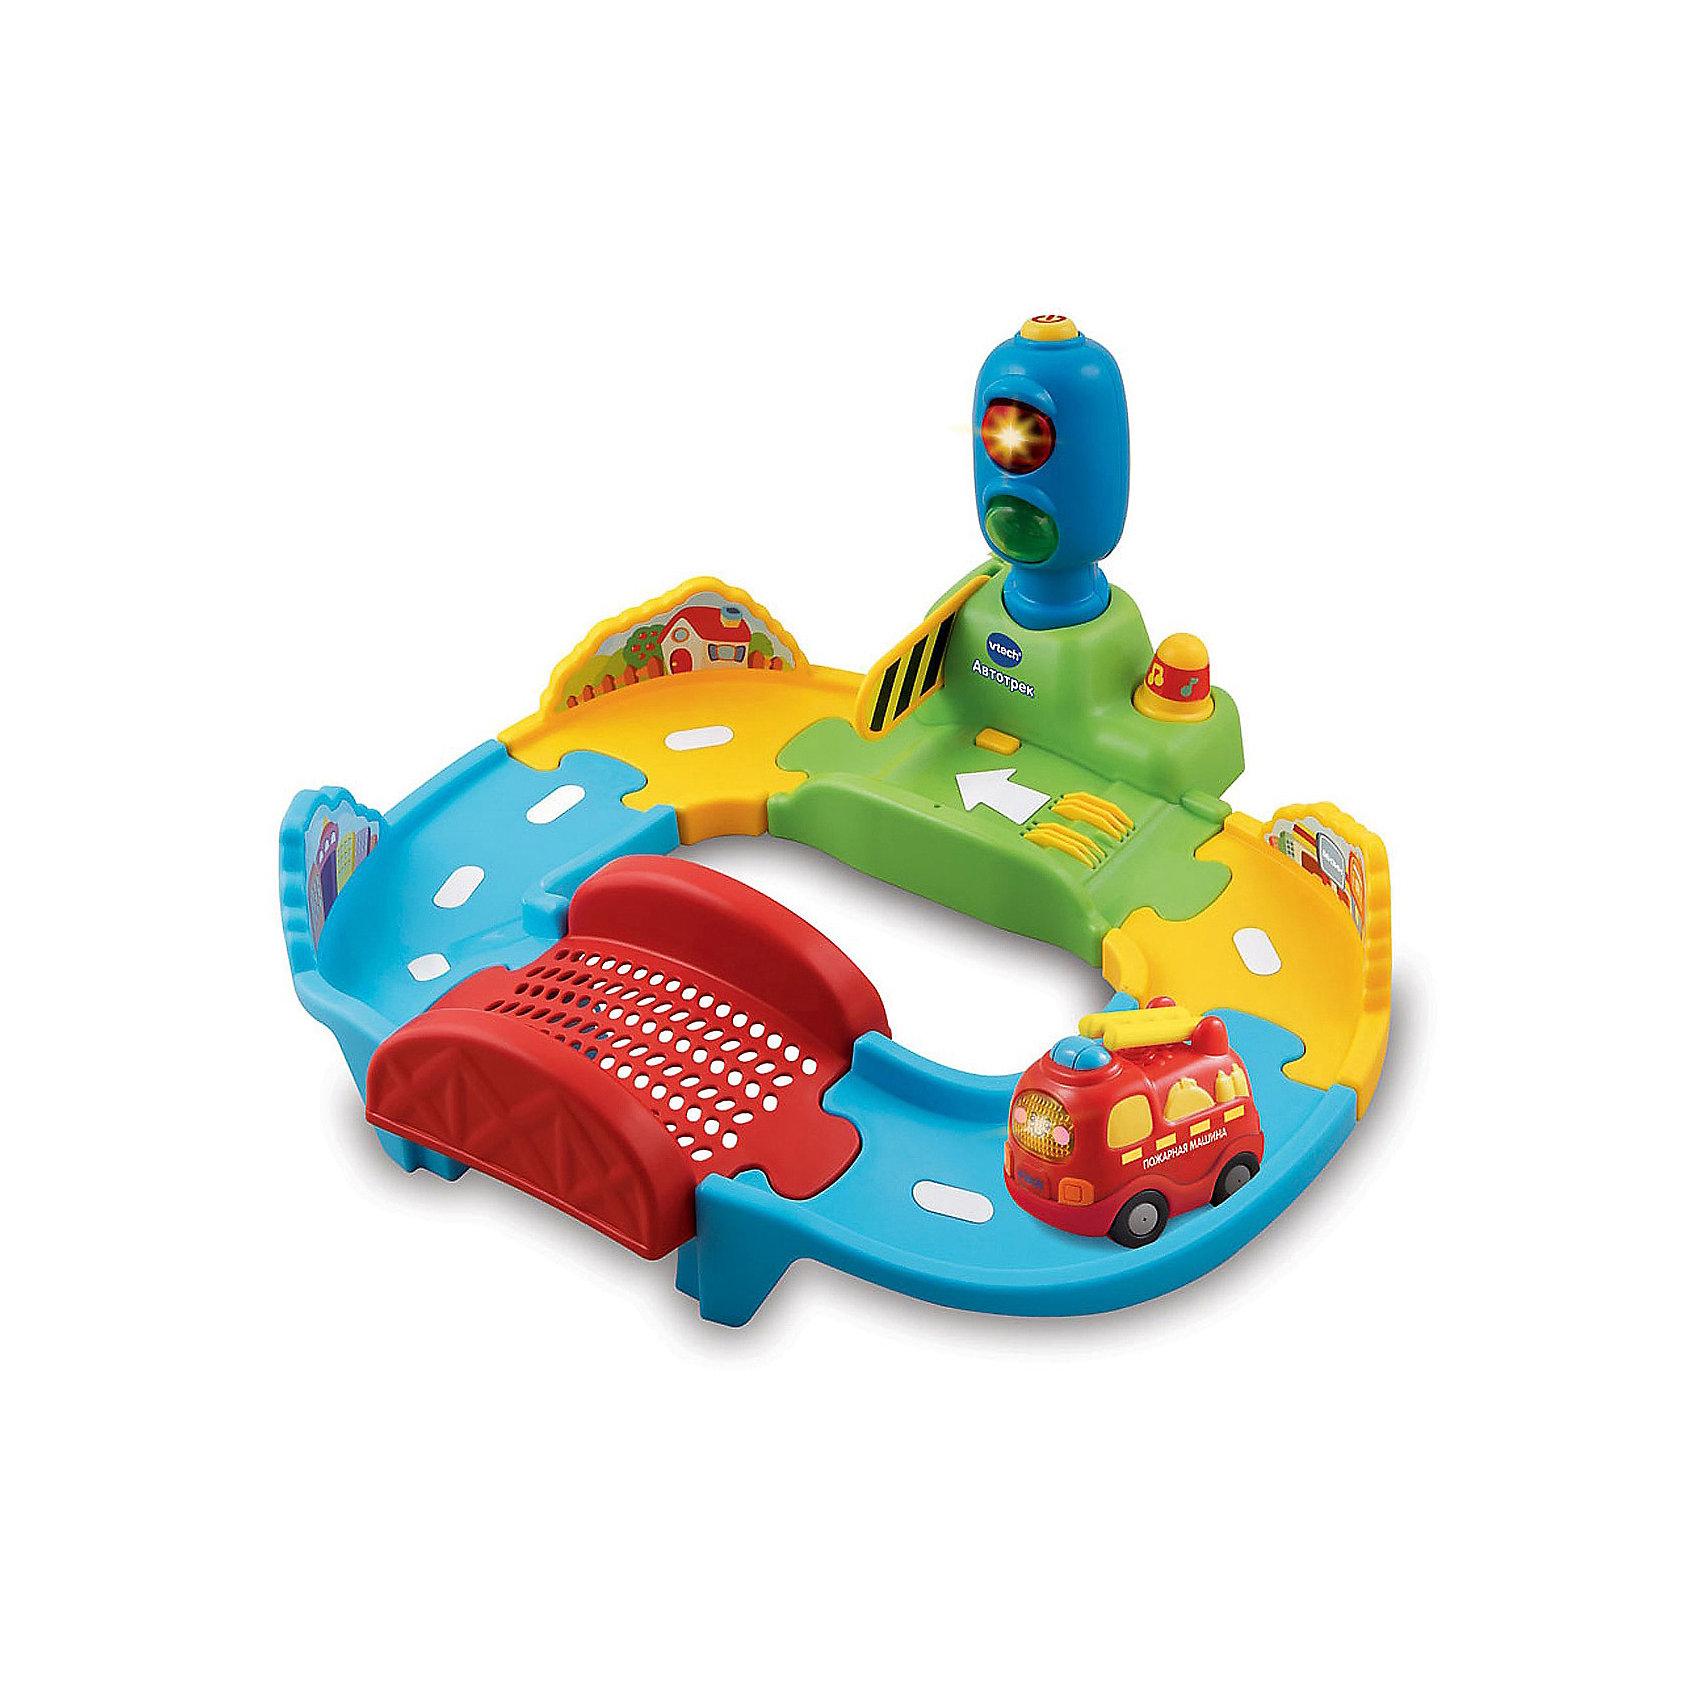 Автотрек, VtechИнтерактивные игрушки для малышей<br>Автотрек, Vtech (Втеч).<br><br>Характеристики:<br><br>• Для детей от 1 года<br>• Комплектация: автотрек, пожарная машина<br>• Обучение: цвета, правила дорожного движения<br>• 9 мелодий и 2 песни из мультфильма<br>• Размер трека: 33х16х22 см.<br>• Материал: пластик<br>• Батарейки: 2xAAA, 2xAA (в комплекте демонстрационные)<br>• Упаковка: красочная подарочная коробка<br>• Размер упаковки: 27,9x27,9x13,3 см.<br><br>Автотрек от французской компании Vtech – красочный и увлекательный набор-конструктор, который надолго увлечет ребенка и сможет обучить его правилам дорожного движения. Набор представляет собой сборный автотрек, на котором есть светофор с тремя кнопками (желтая - включить/выключить, красная - правила дорожного движения, зеленая - световые эффекты), шлагбаум, мостик и различные сенсорные датчики. <br><br>В комплект также входит интерактивная говорящая пожарная машинка. Катая машинку по автотреку, ребенок будет слушать обучающие фразы, веселые звуки, мелодии, и узнает правила дорожного движения. Имеется звуковая кнопка-дорожный конус. Предусмотрен таймер автоматического отключения. Игрушка изготовлена из прочного безопасного не бьющегося пластика. Продается в красочной коробке и идеально подходит в качестве подарка. Трек можно дополнить другими интерактивными машинками от компании Vtech.<br><br>Автотрек, Vtech (Втеч) можно купить в нашем интернет-магазине.<br><br>Ширина мм: 130<br>Глубина мм: 280<br>Высота мм: 280<br>Вес г: 1100<br>Возраст от месяцев: 12<br>Возраст до месяцев: 36<br>Пол: Мужской<br>Возраст: Детский<br>SKU: 3482905